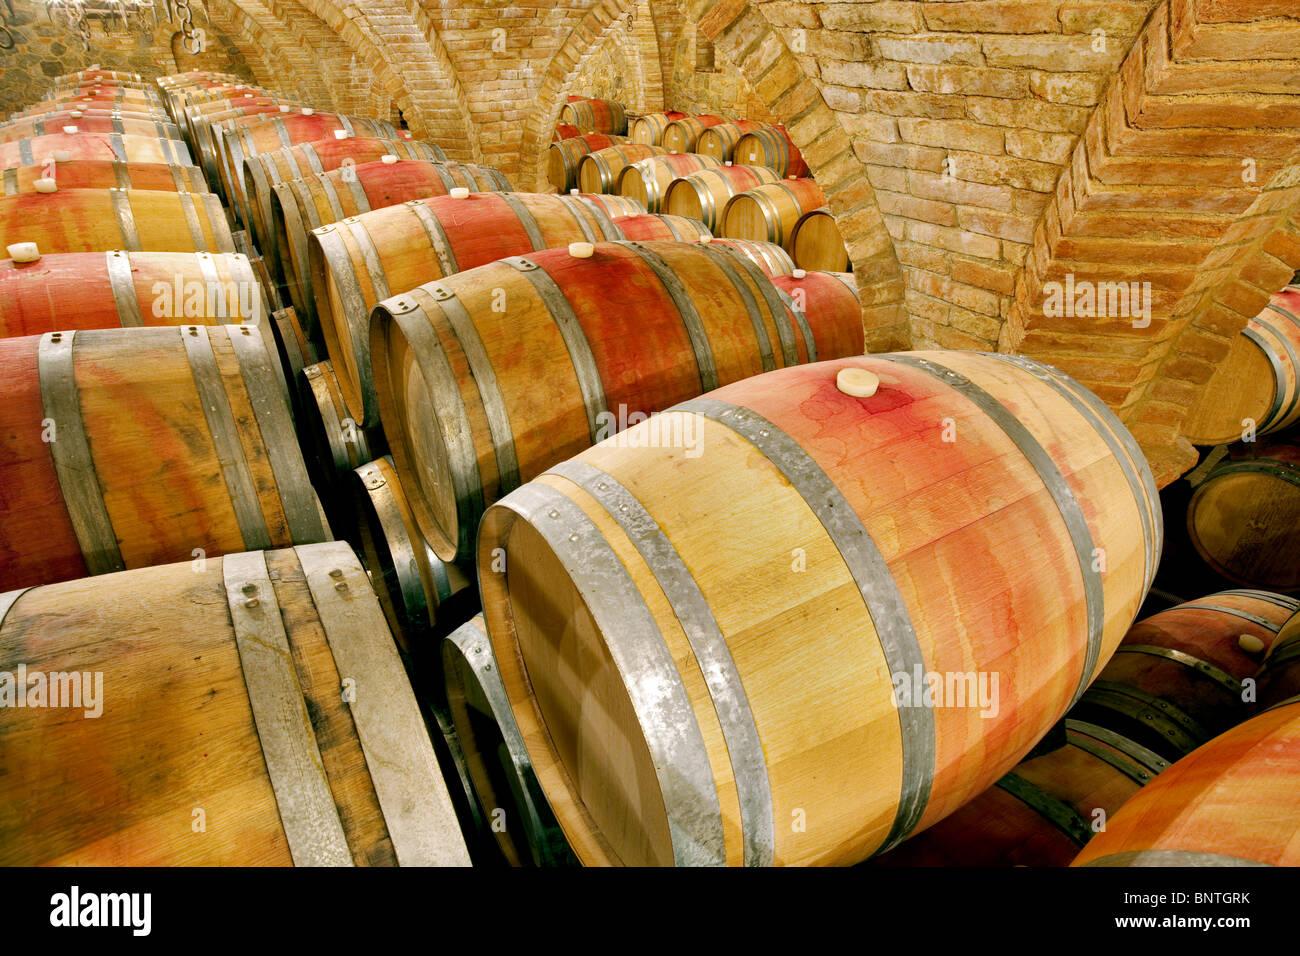 Wine aging in barrels in cellar. Castello di Amerorosa. Napa Valley, California. Property released - Stock Image